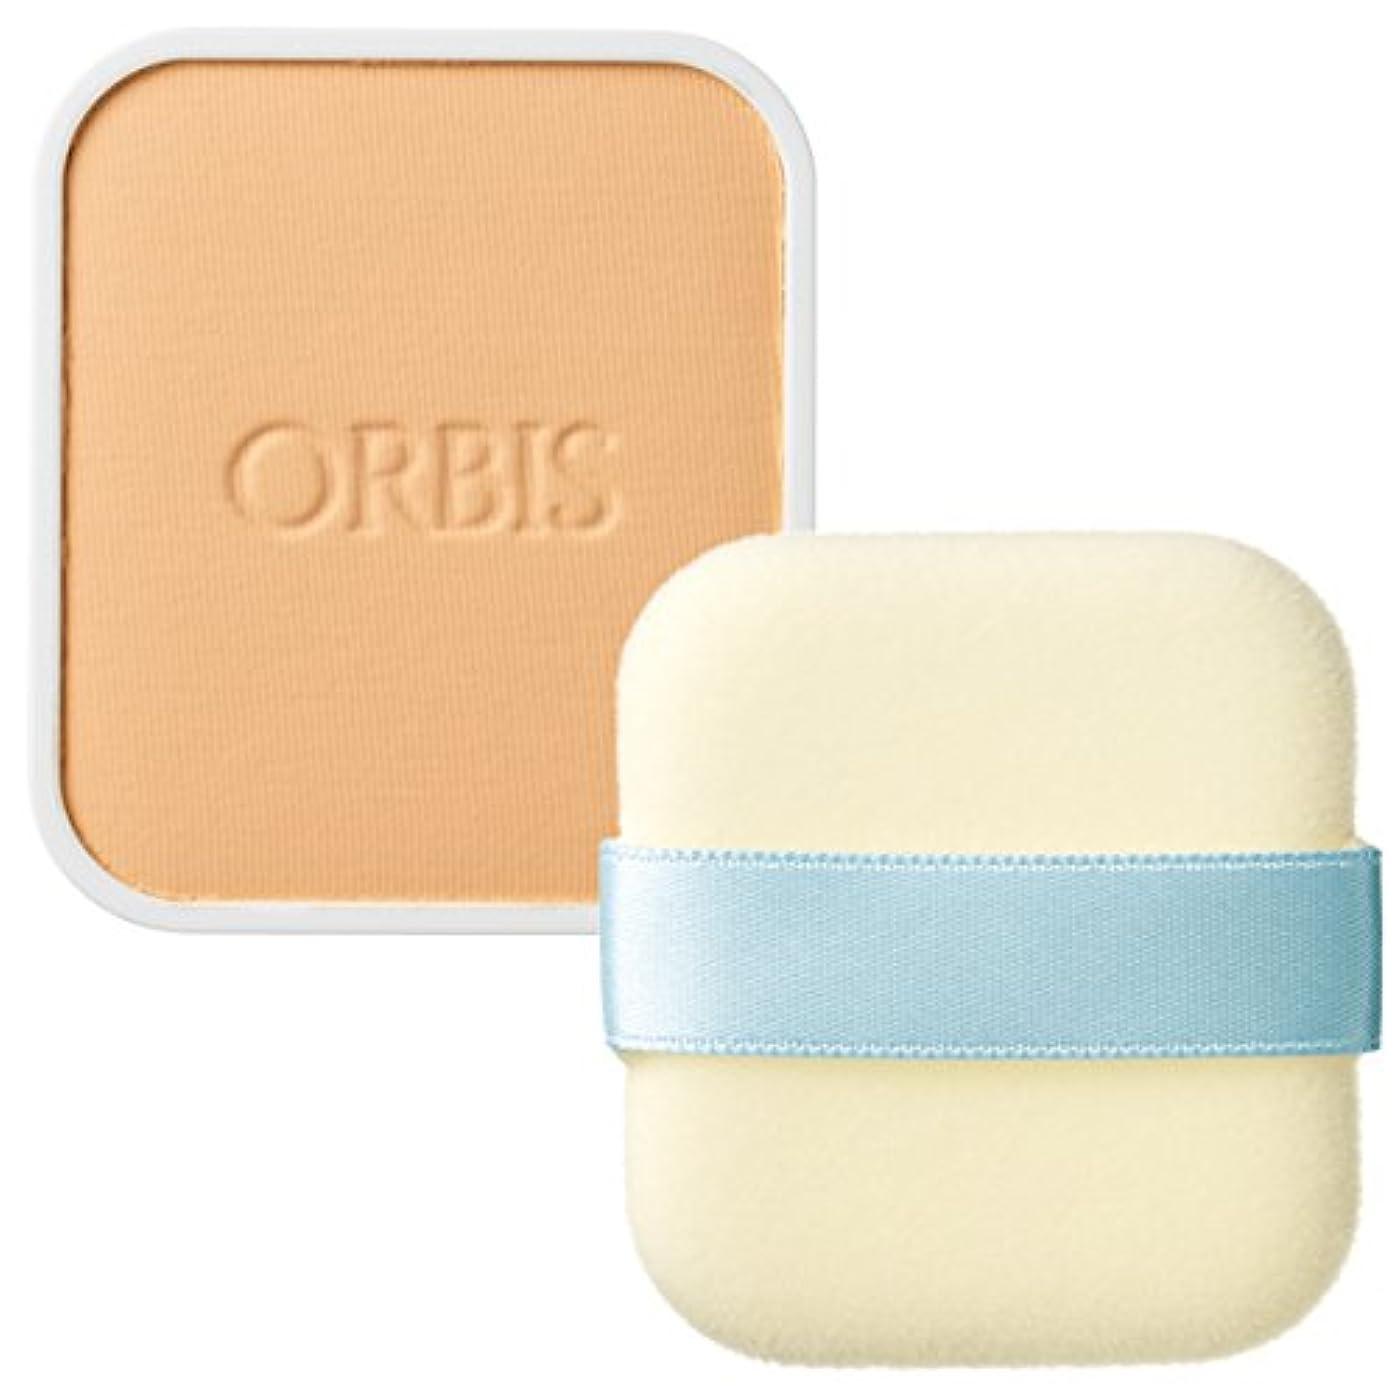 日常的にことわざ悪性オルビス(ORBIS) クリアパウダーファンデーション(リフィル?専用パフ付) ナチュラル02 11g SPF15/PA+ ◎ニキビ肌用ファンデーション◎